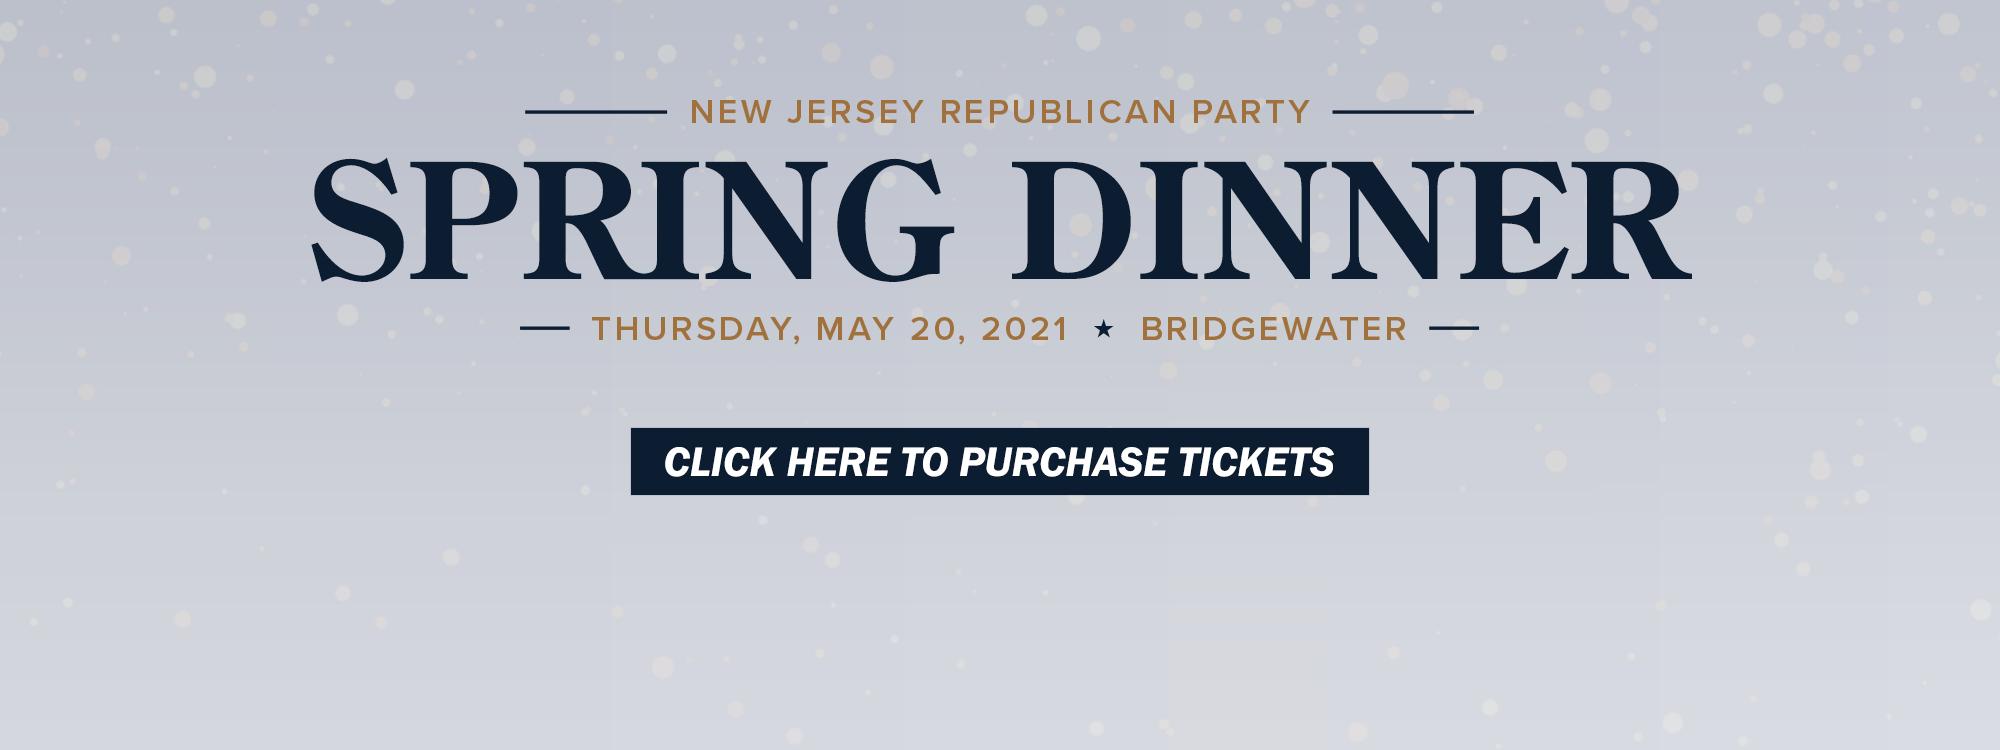 2021 Spring Dinner